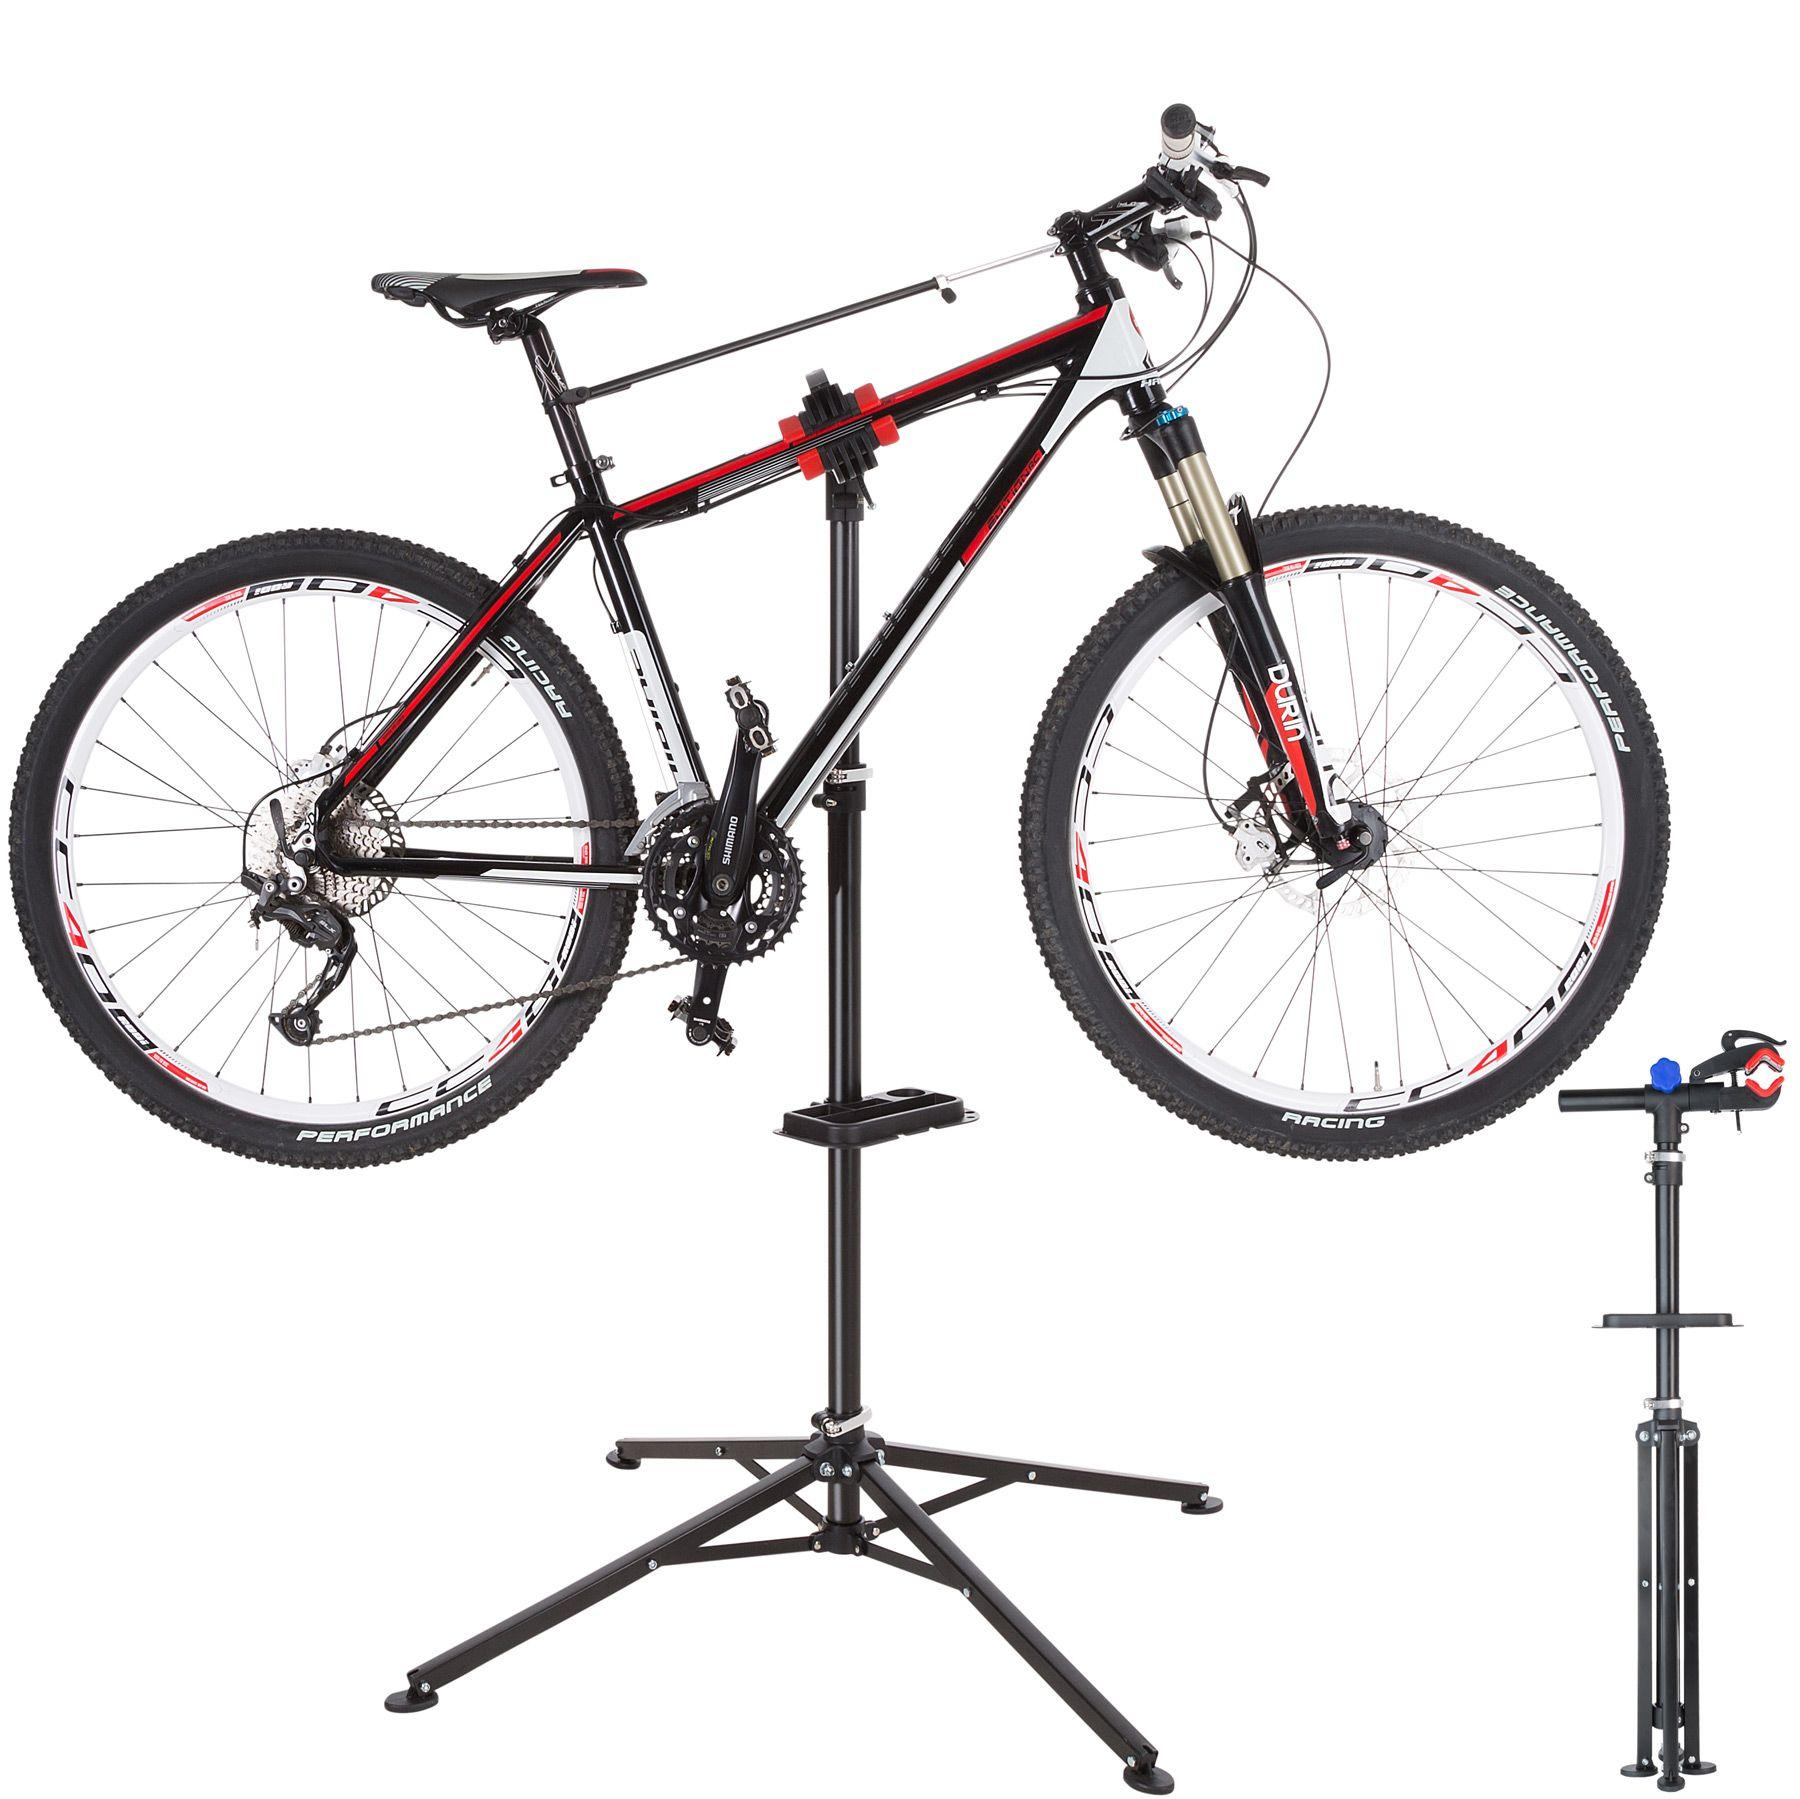 Pied d/'atelier pour vélos VTT montage stand réparation entretien pivotant pro ✅